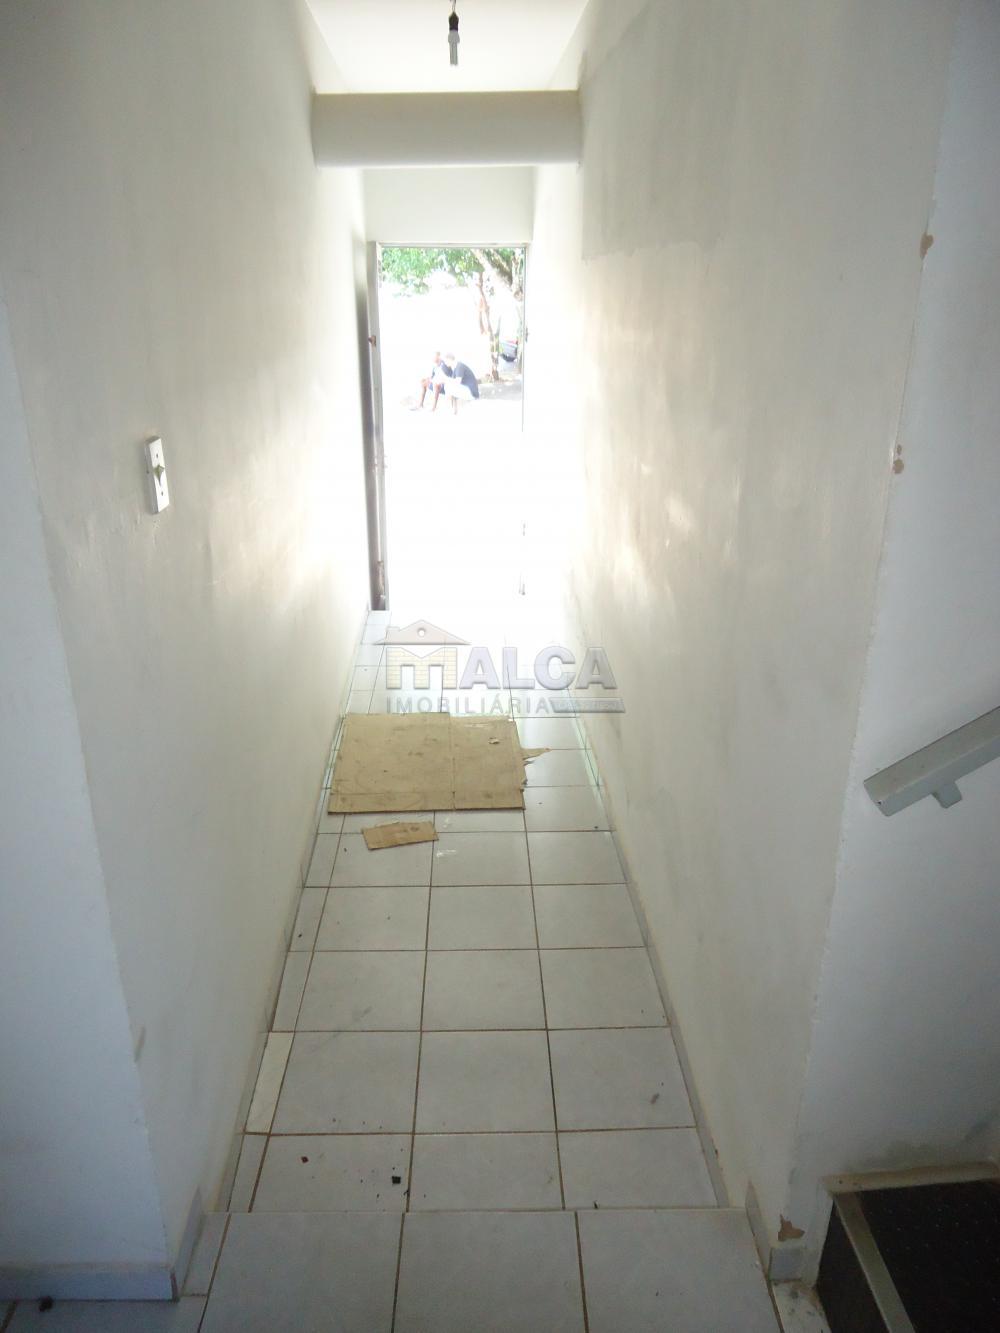 Alugar Casas / Padrão em São José do Rio Pardo apenas R$ 670,00 - Foto 13